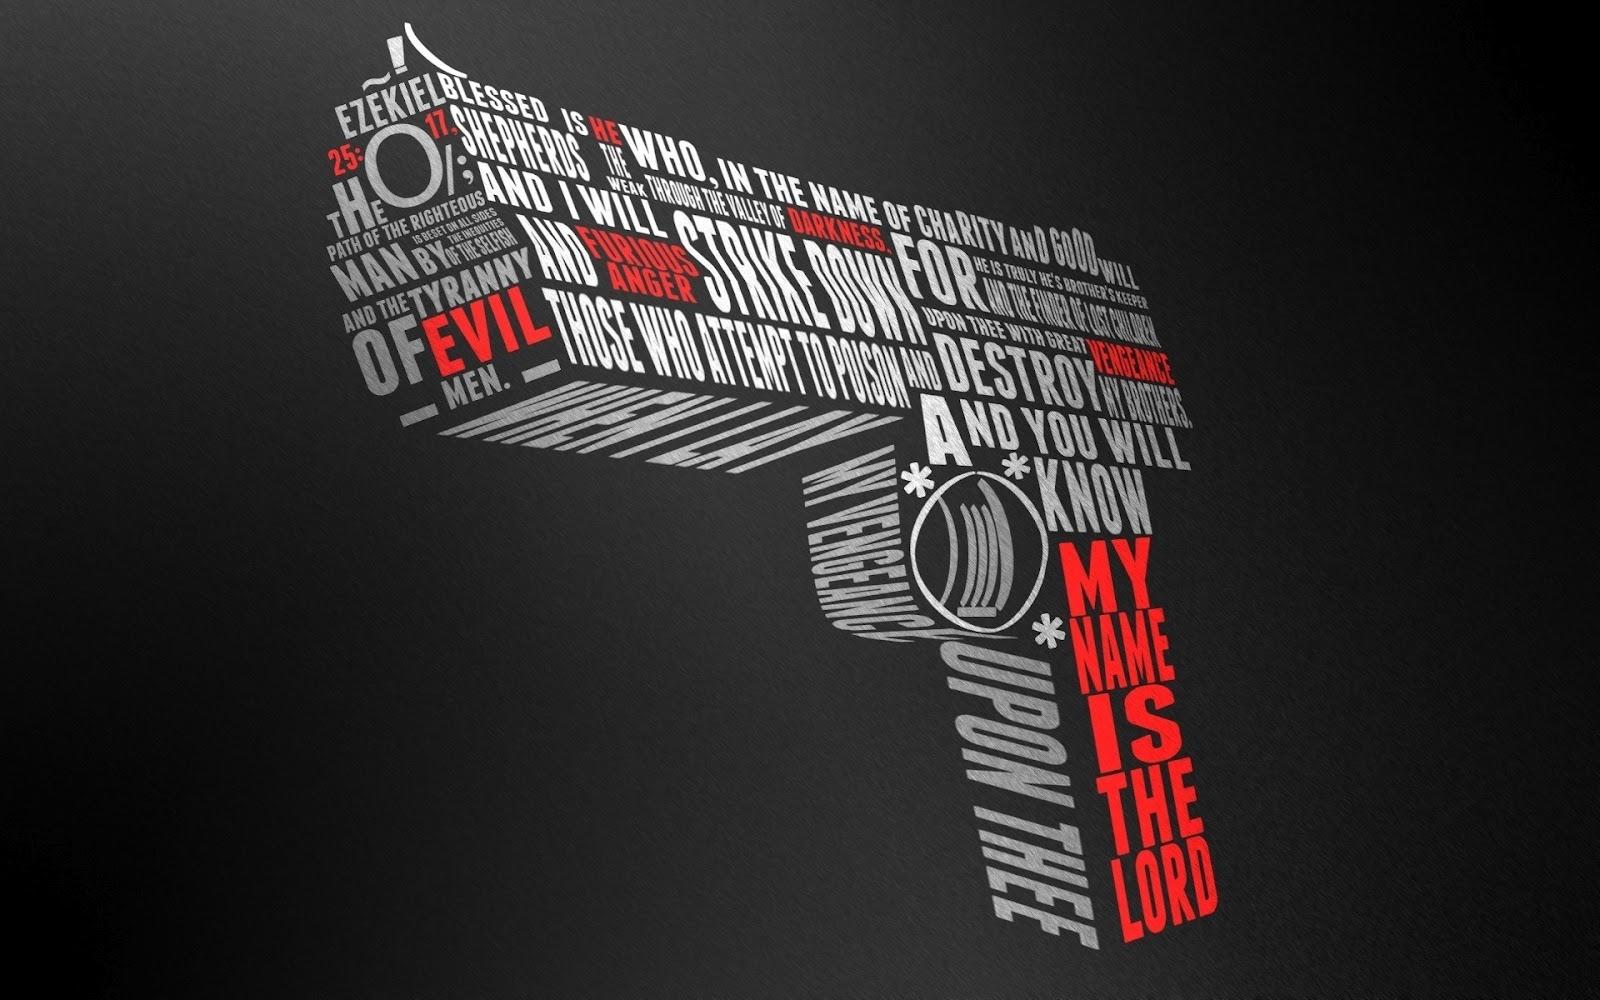 http://4.bp.blogspot.com/-MYOVFHIX3Hw/UGn8UFsIzxI/AAAAAAAABn0/p6r2X283qzg/s1600/Guns-Wallpapers++%2814%29.jpg